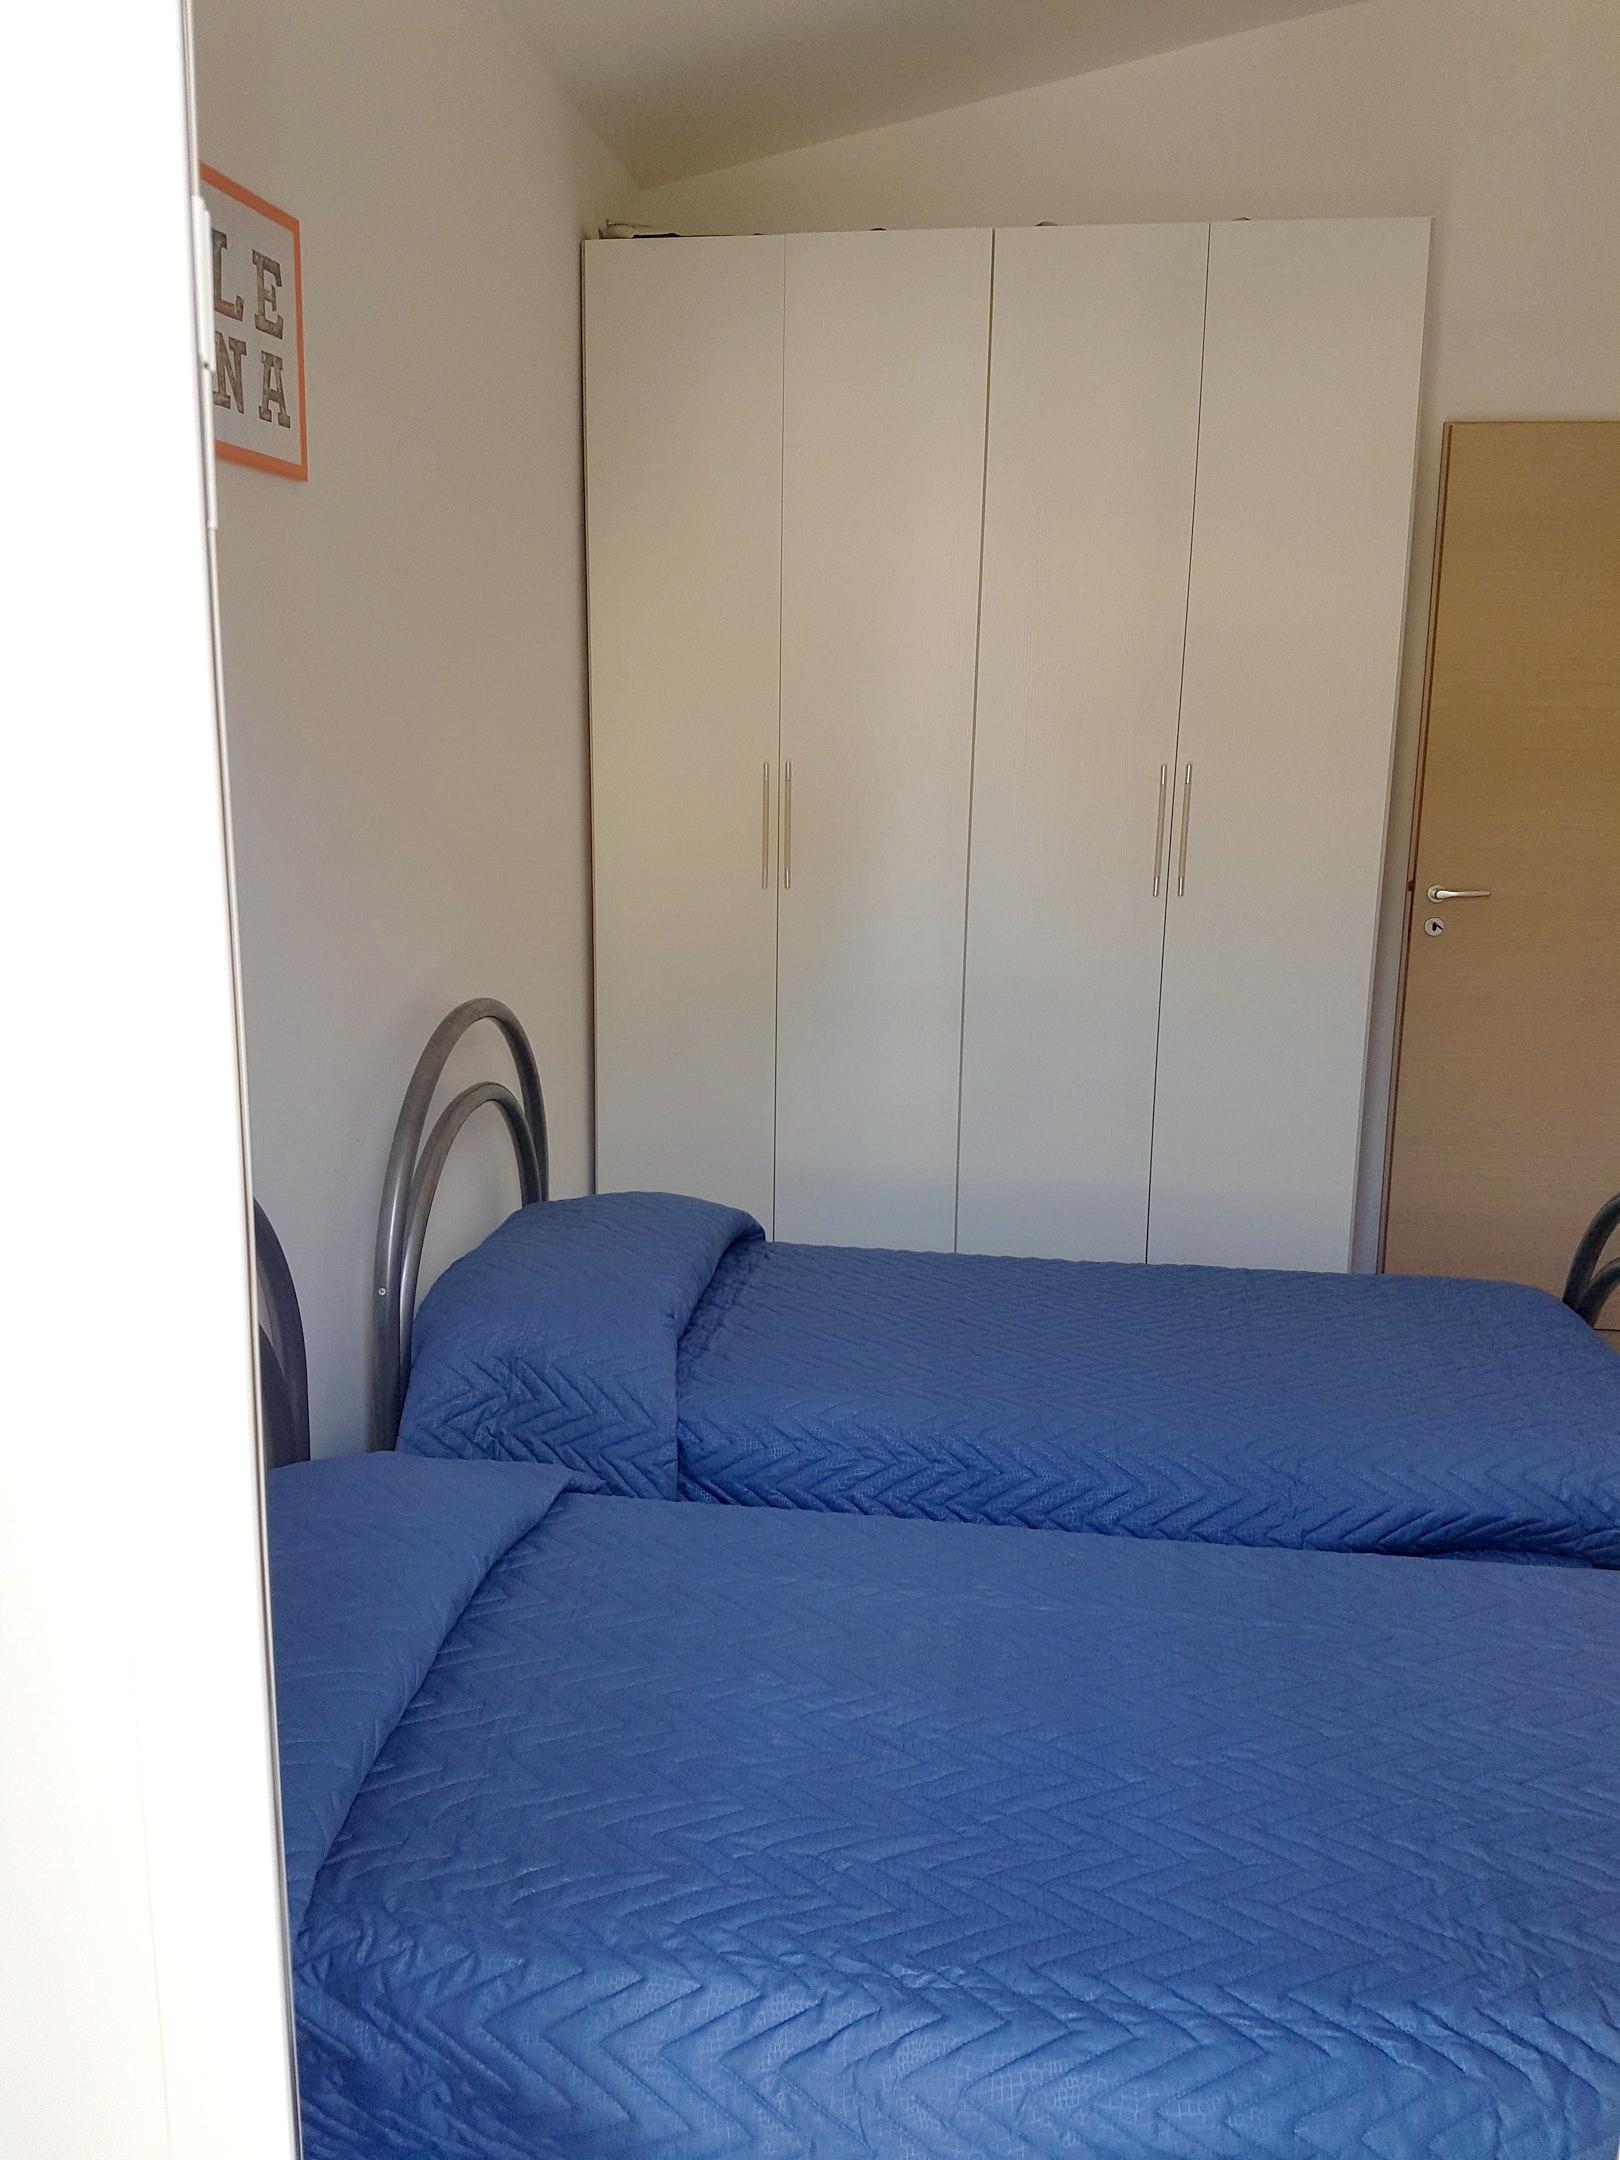 Maison de vacances Haus mit 2 Schlafzimmern in Lido di Noto mit möblierter Terrasse - 200 m vom Strand entfer (2420348), Lido di Noto, Siracusa, Sicile, Italie, image 6